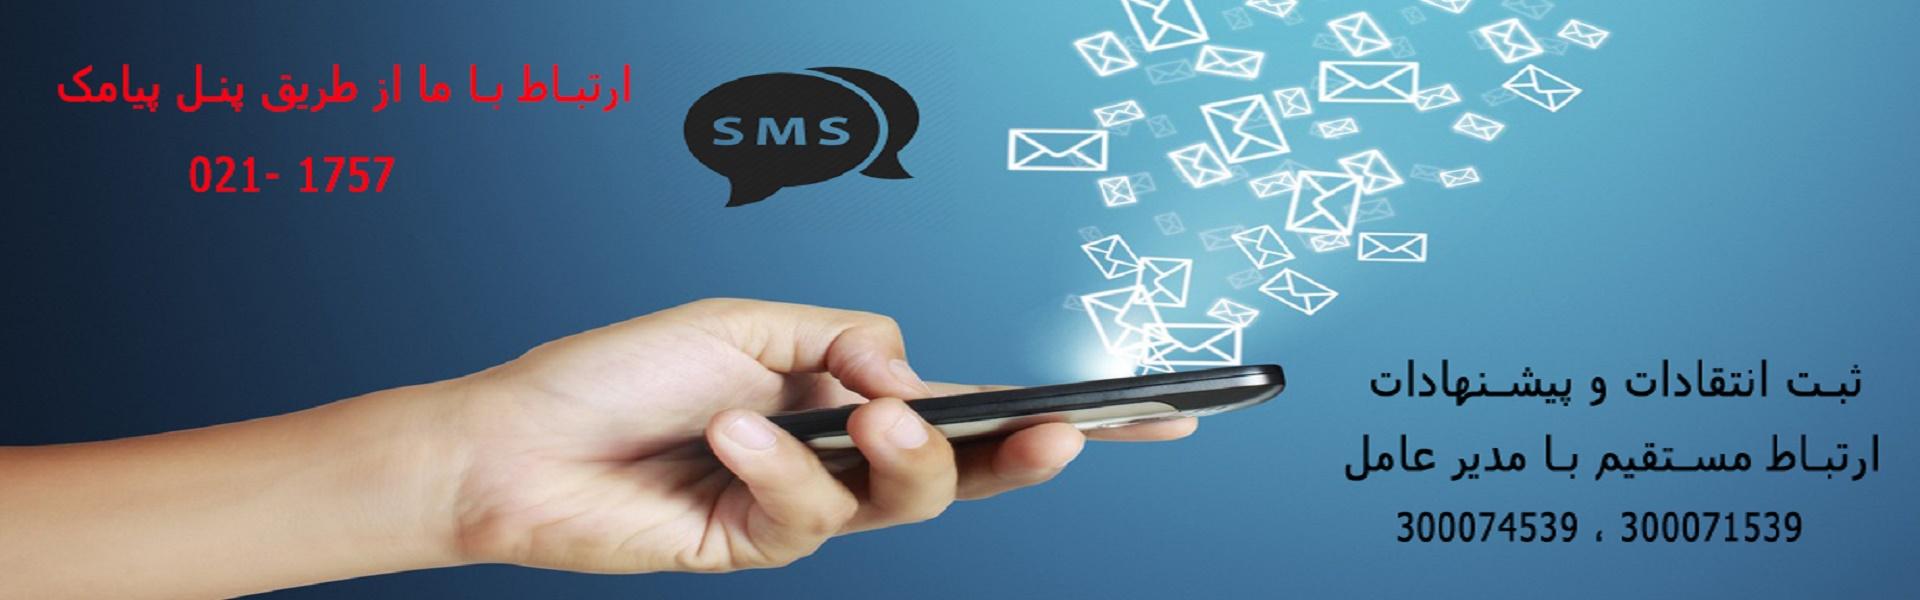 ارتباط مستقیم با مدیر عامل از طریق ارسال پیامک